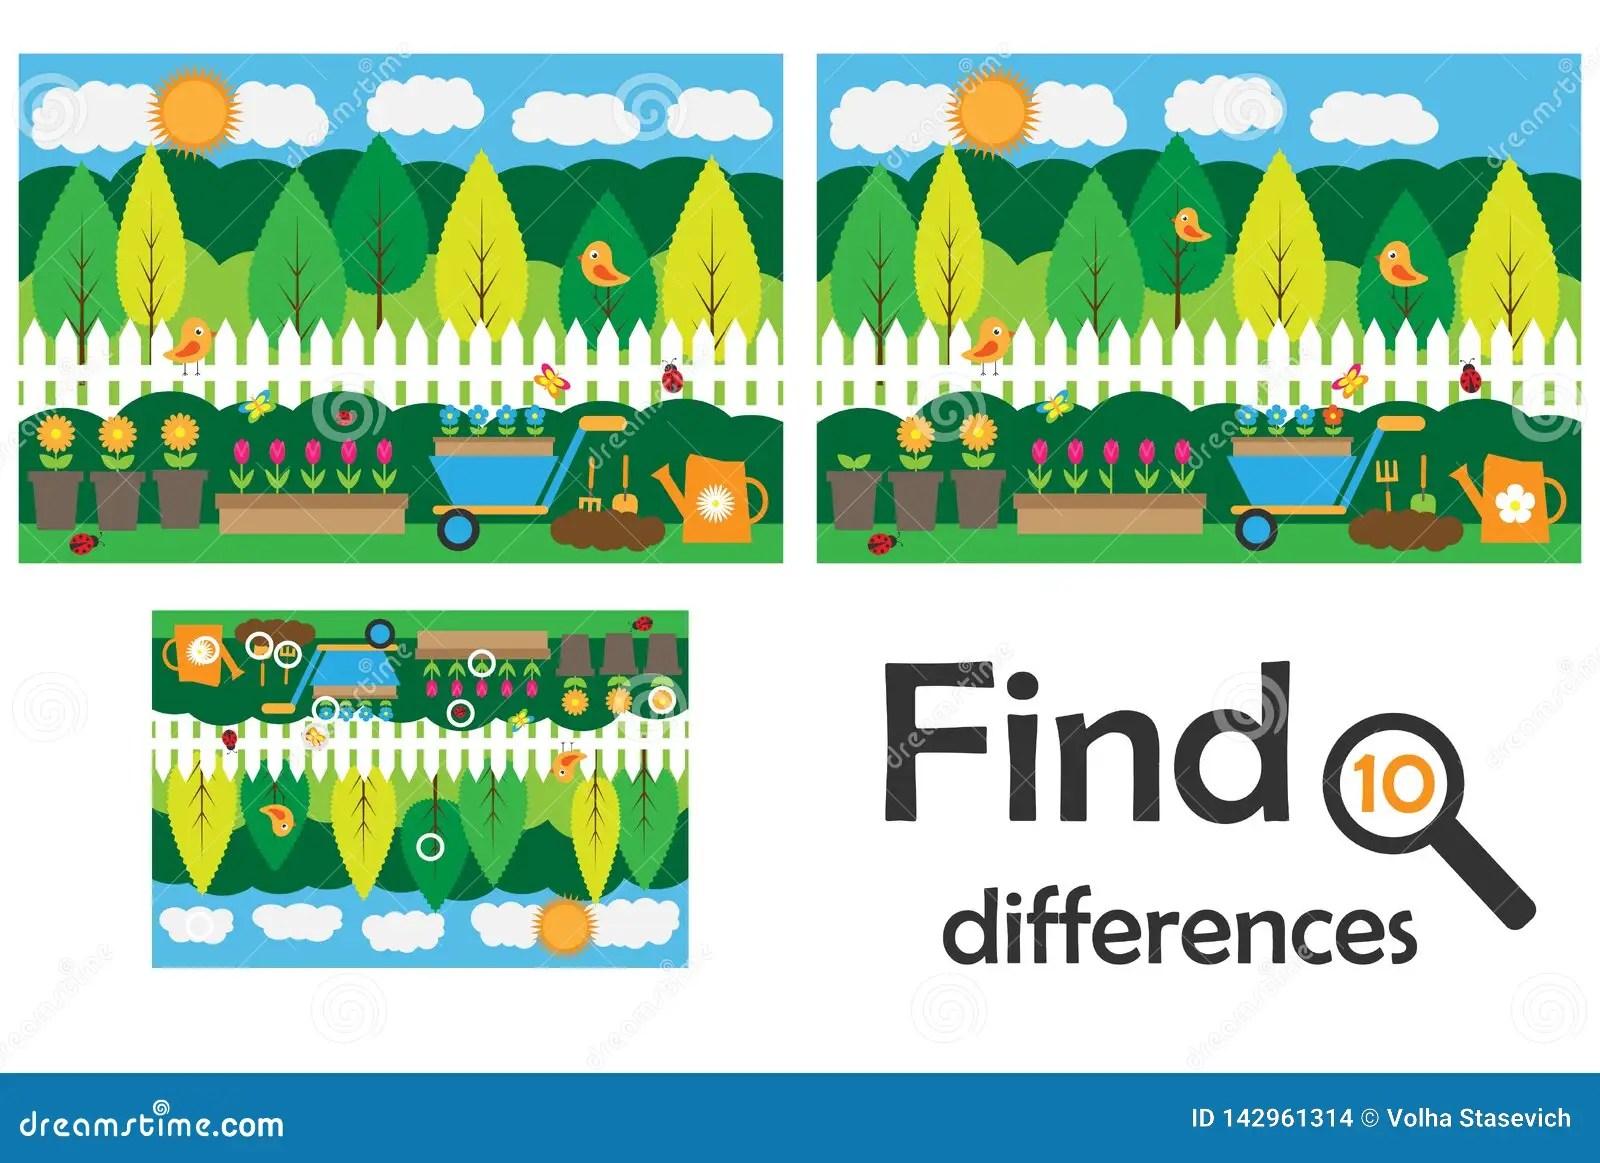 Find 10 Differences Game For Children Garden Cartoon